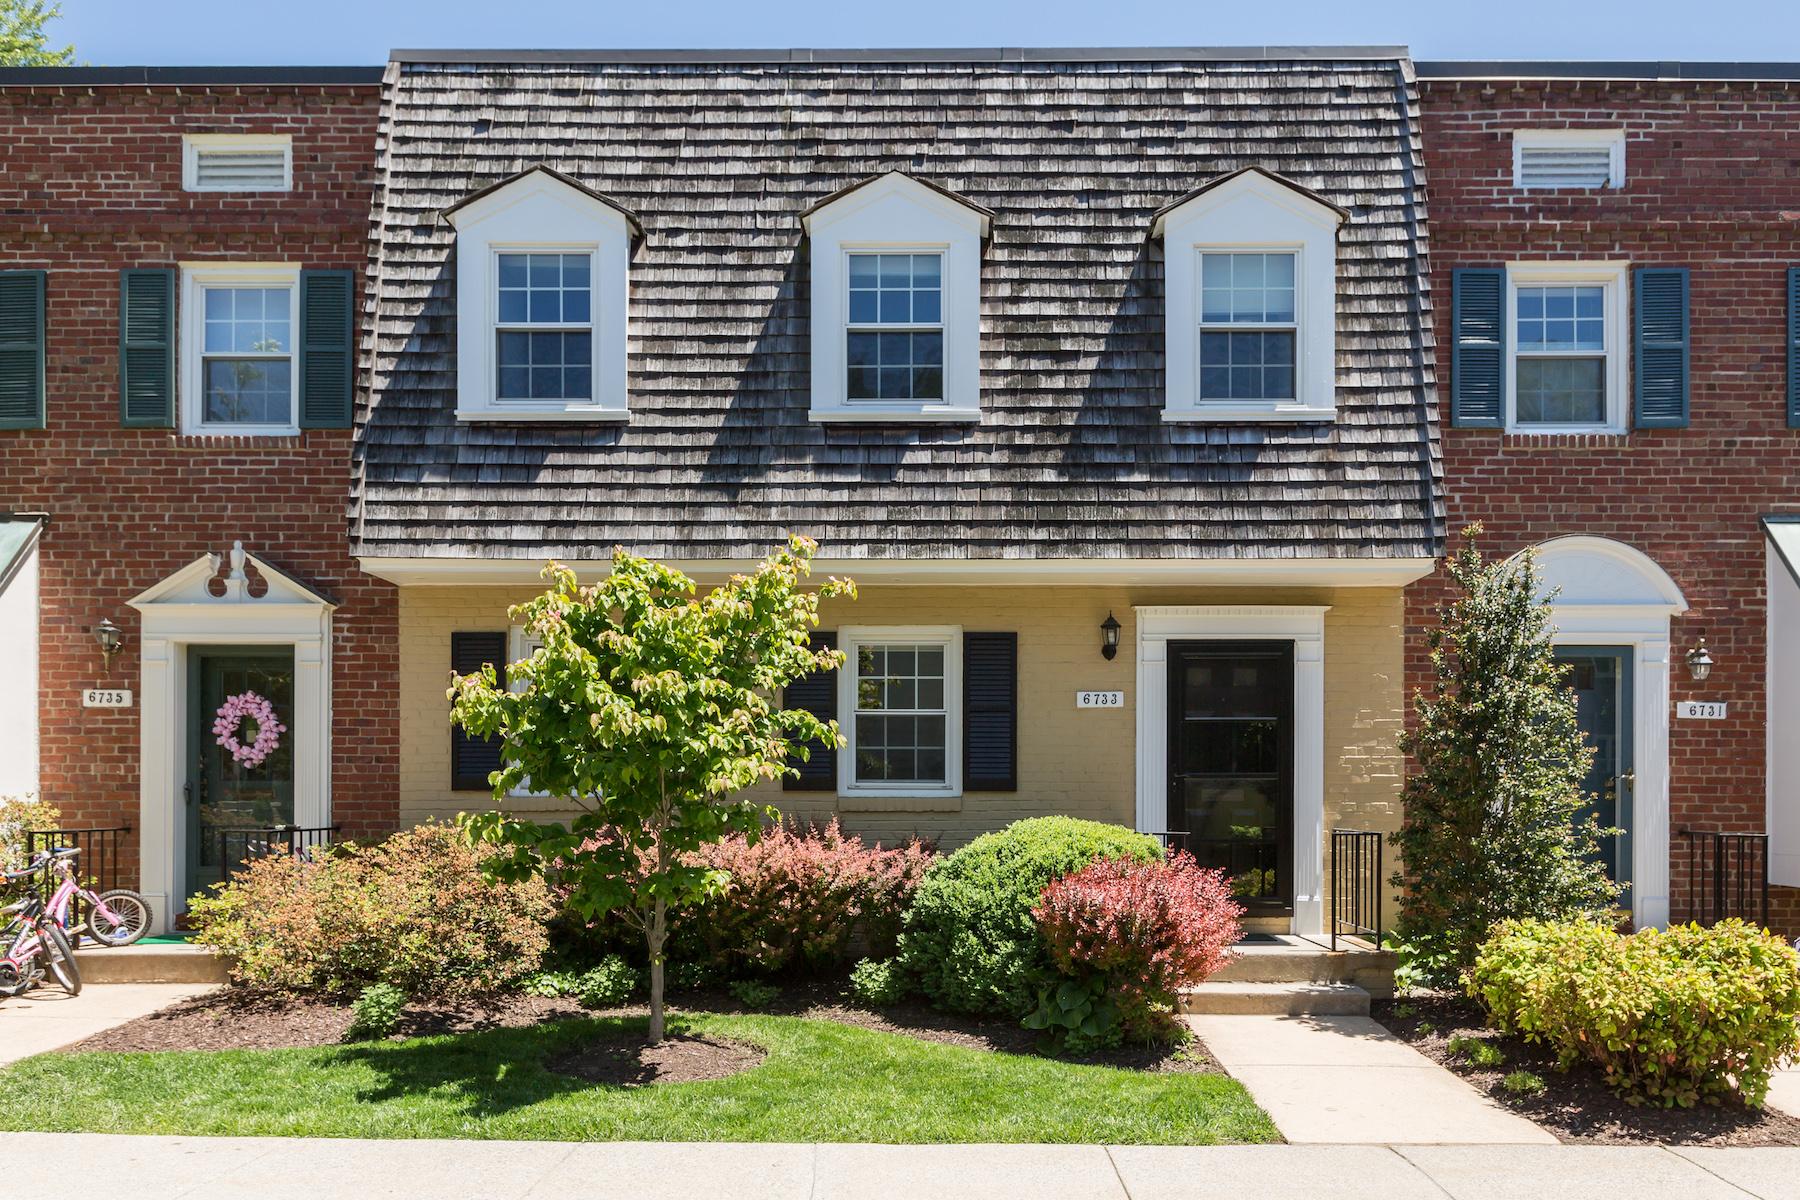 タウンハウス のために 売買 アット 6733 Kenwood Forest Lane, Chevy Chase 6733 Kenwood Forest Ln Chevy Chase, メリーランド, 20815 アメリカ合衆国